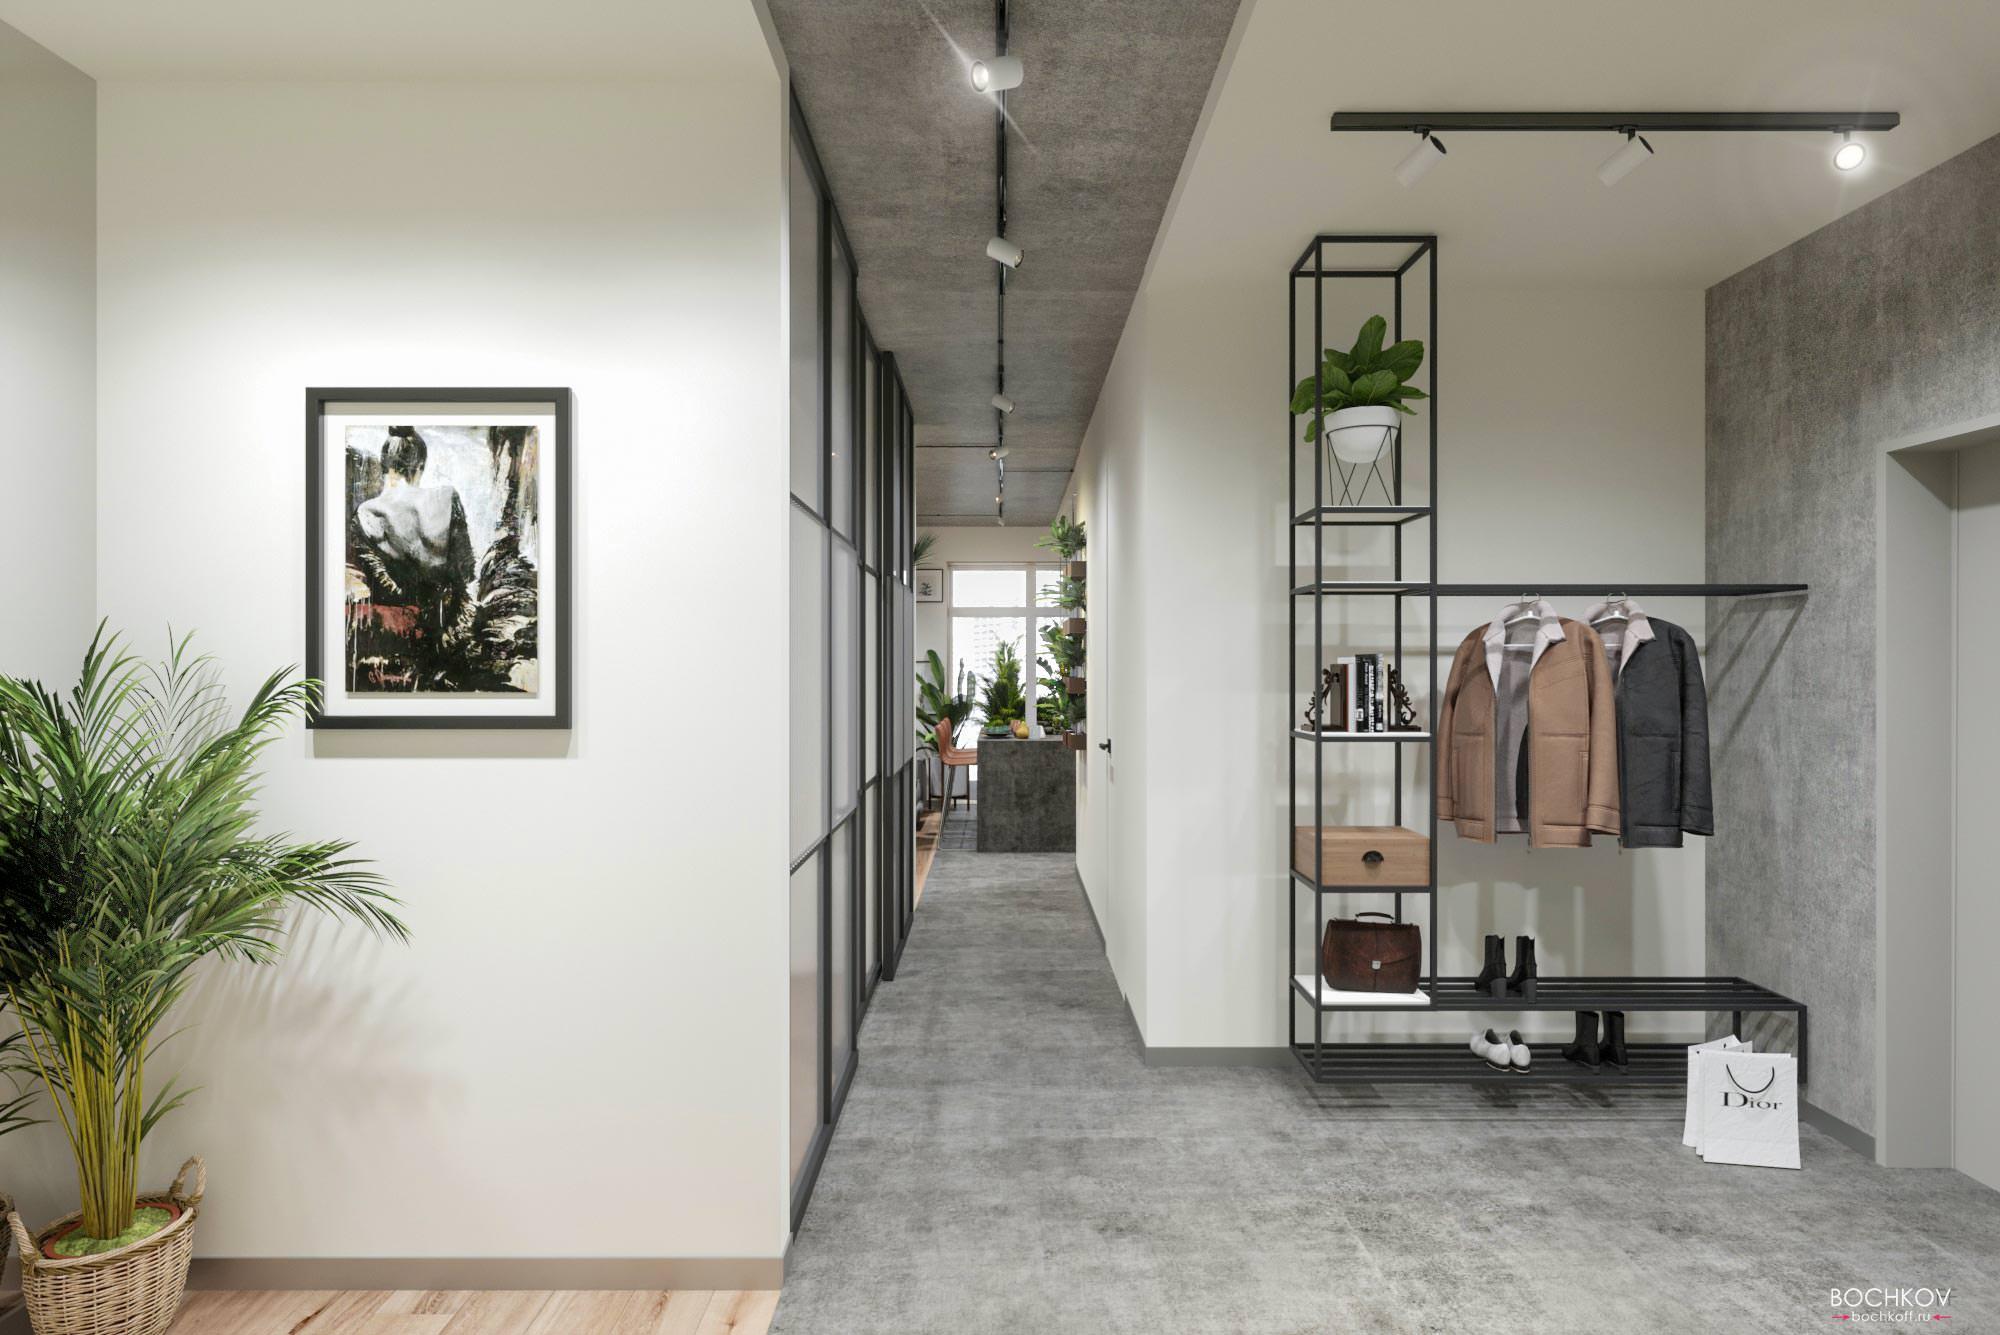 Прихожая с видом на коридор, Дизайн интерьера в ЖК Макаровский 2020г.